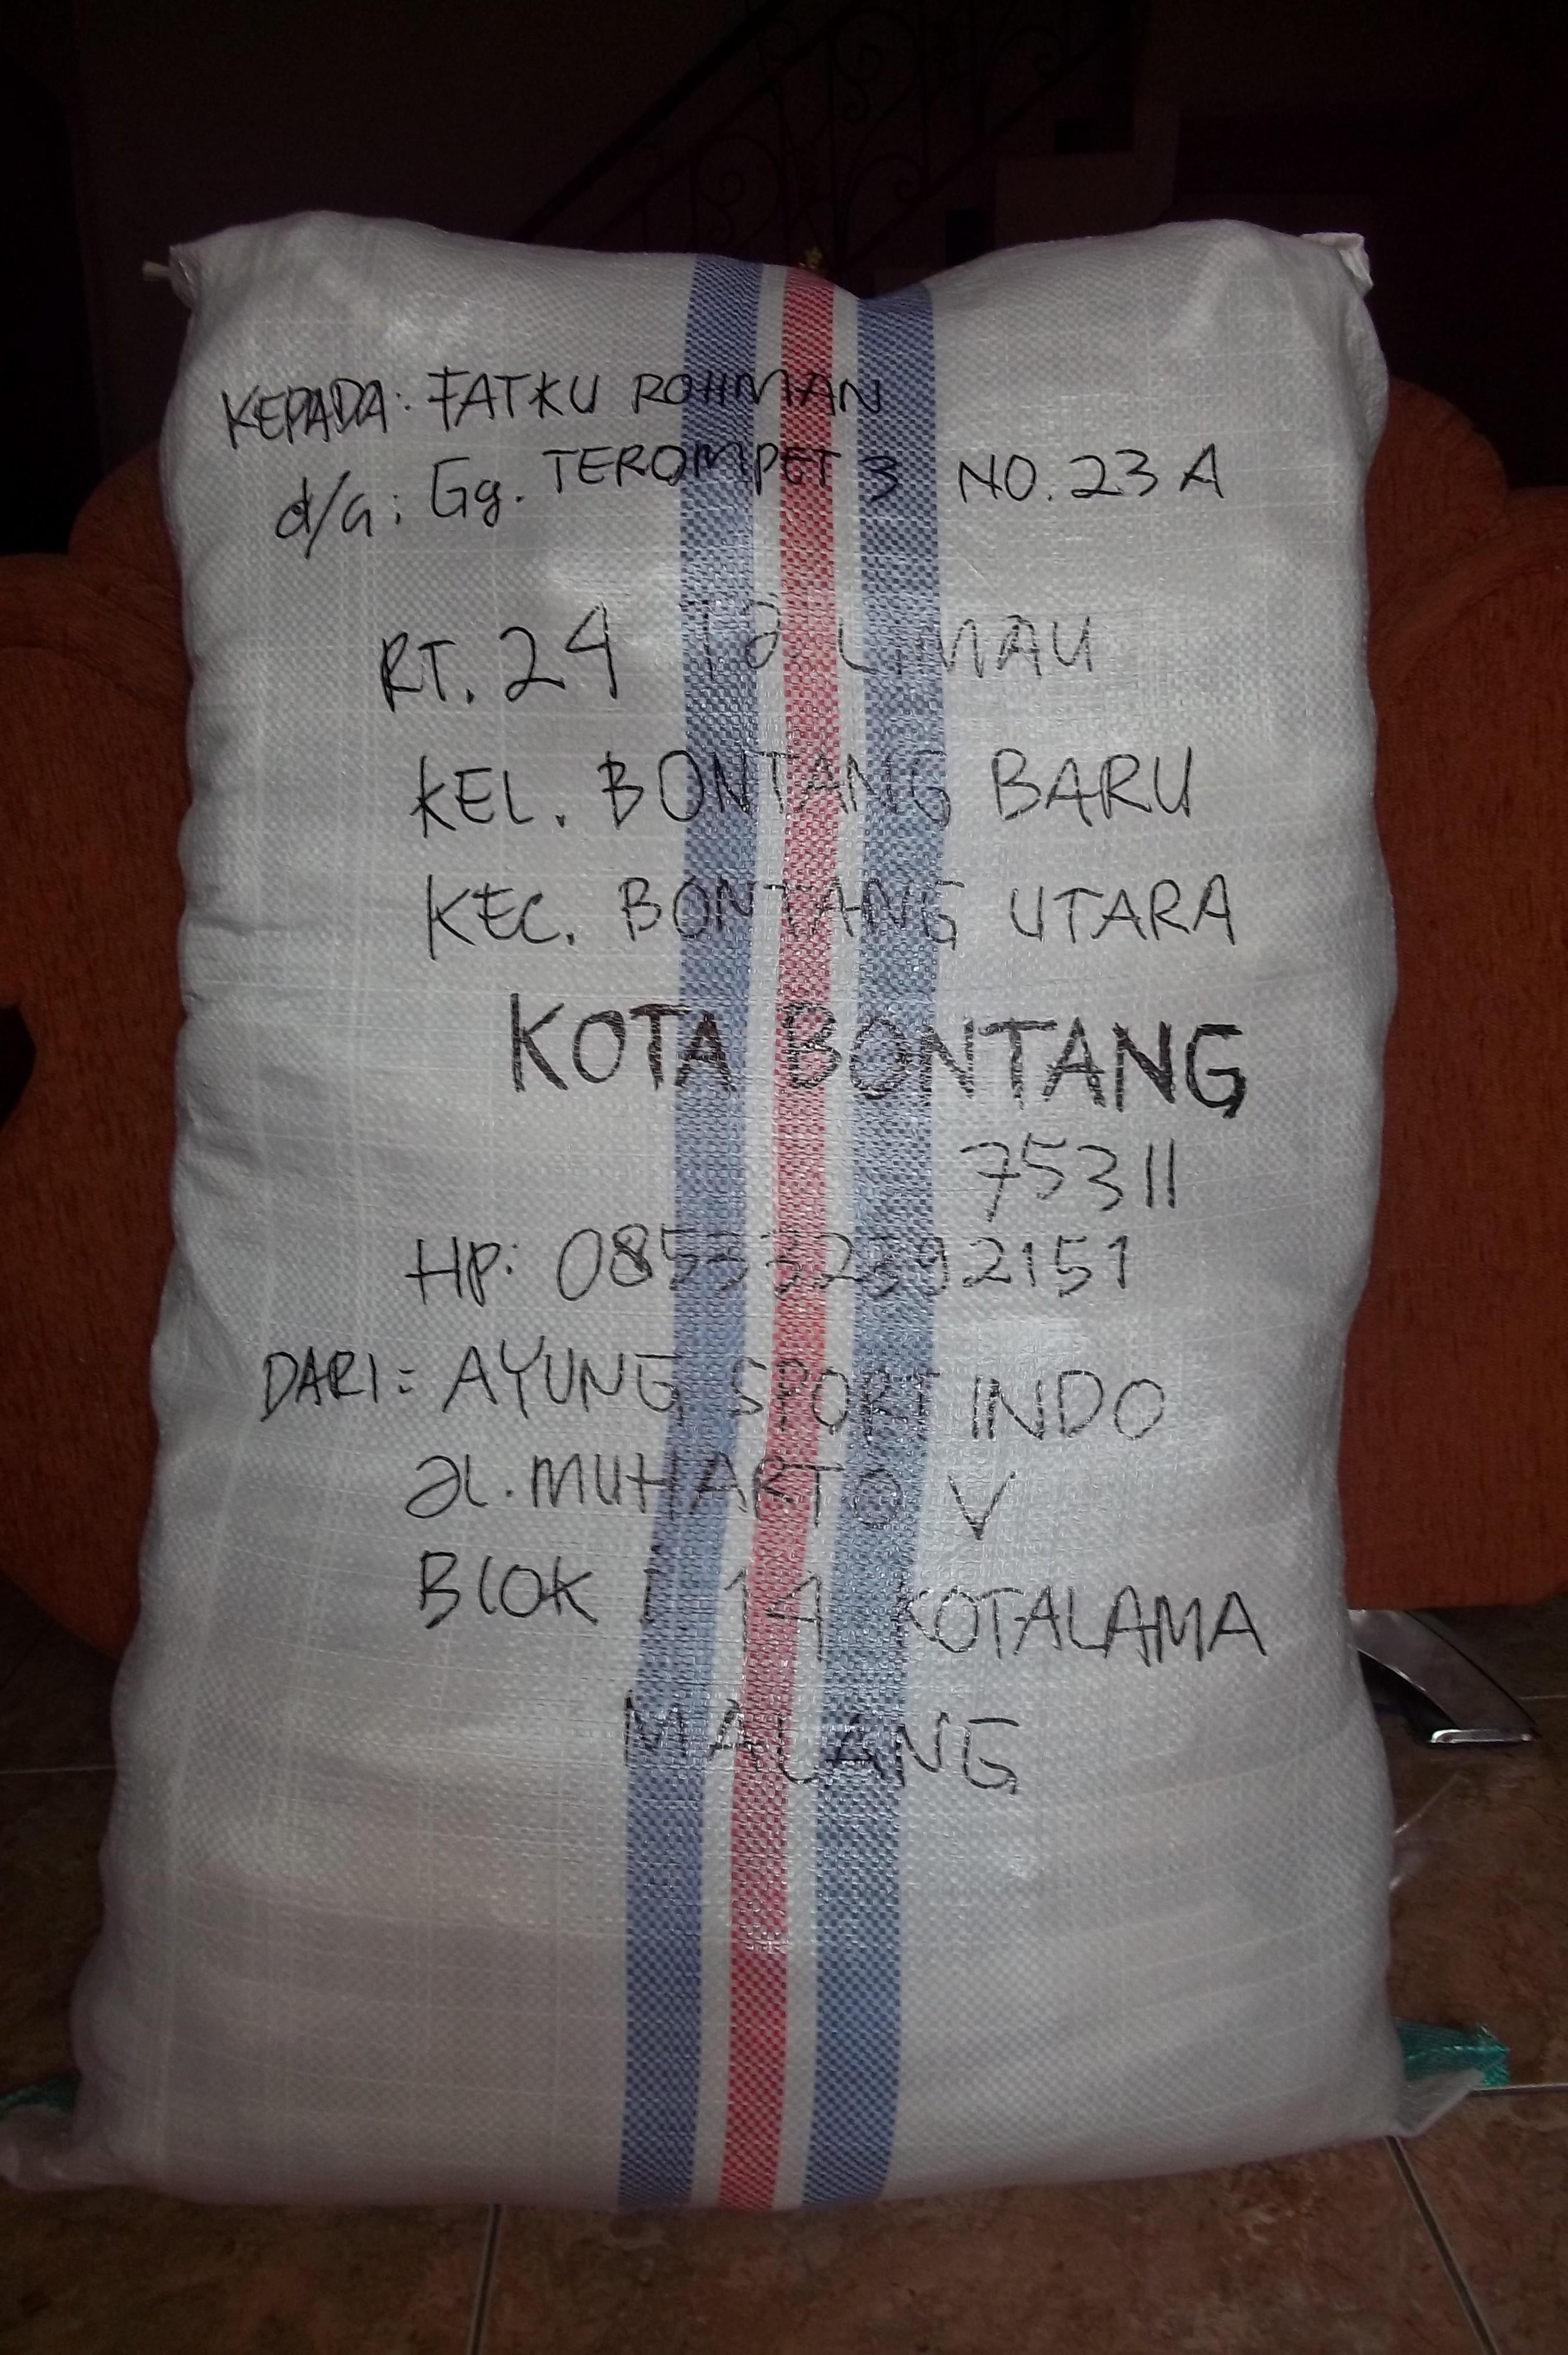 ... Seragam, Malang Surabaya   Jaket   Jacket   Pesan Jaket   Jaket Online